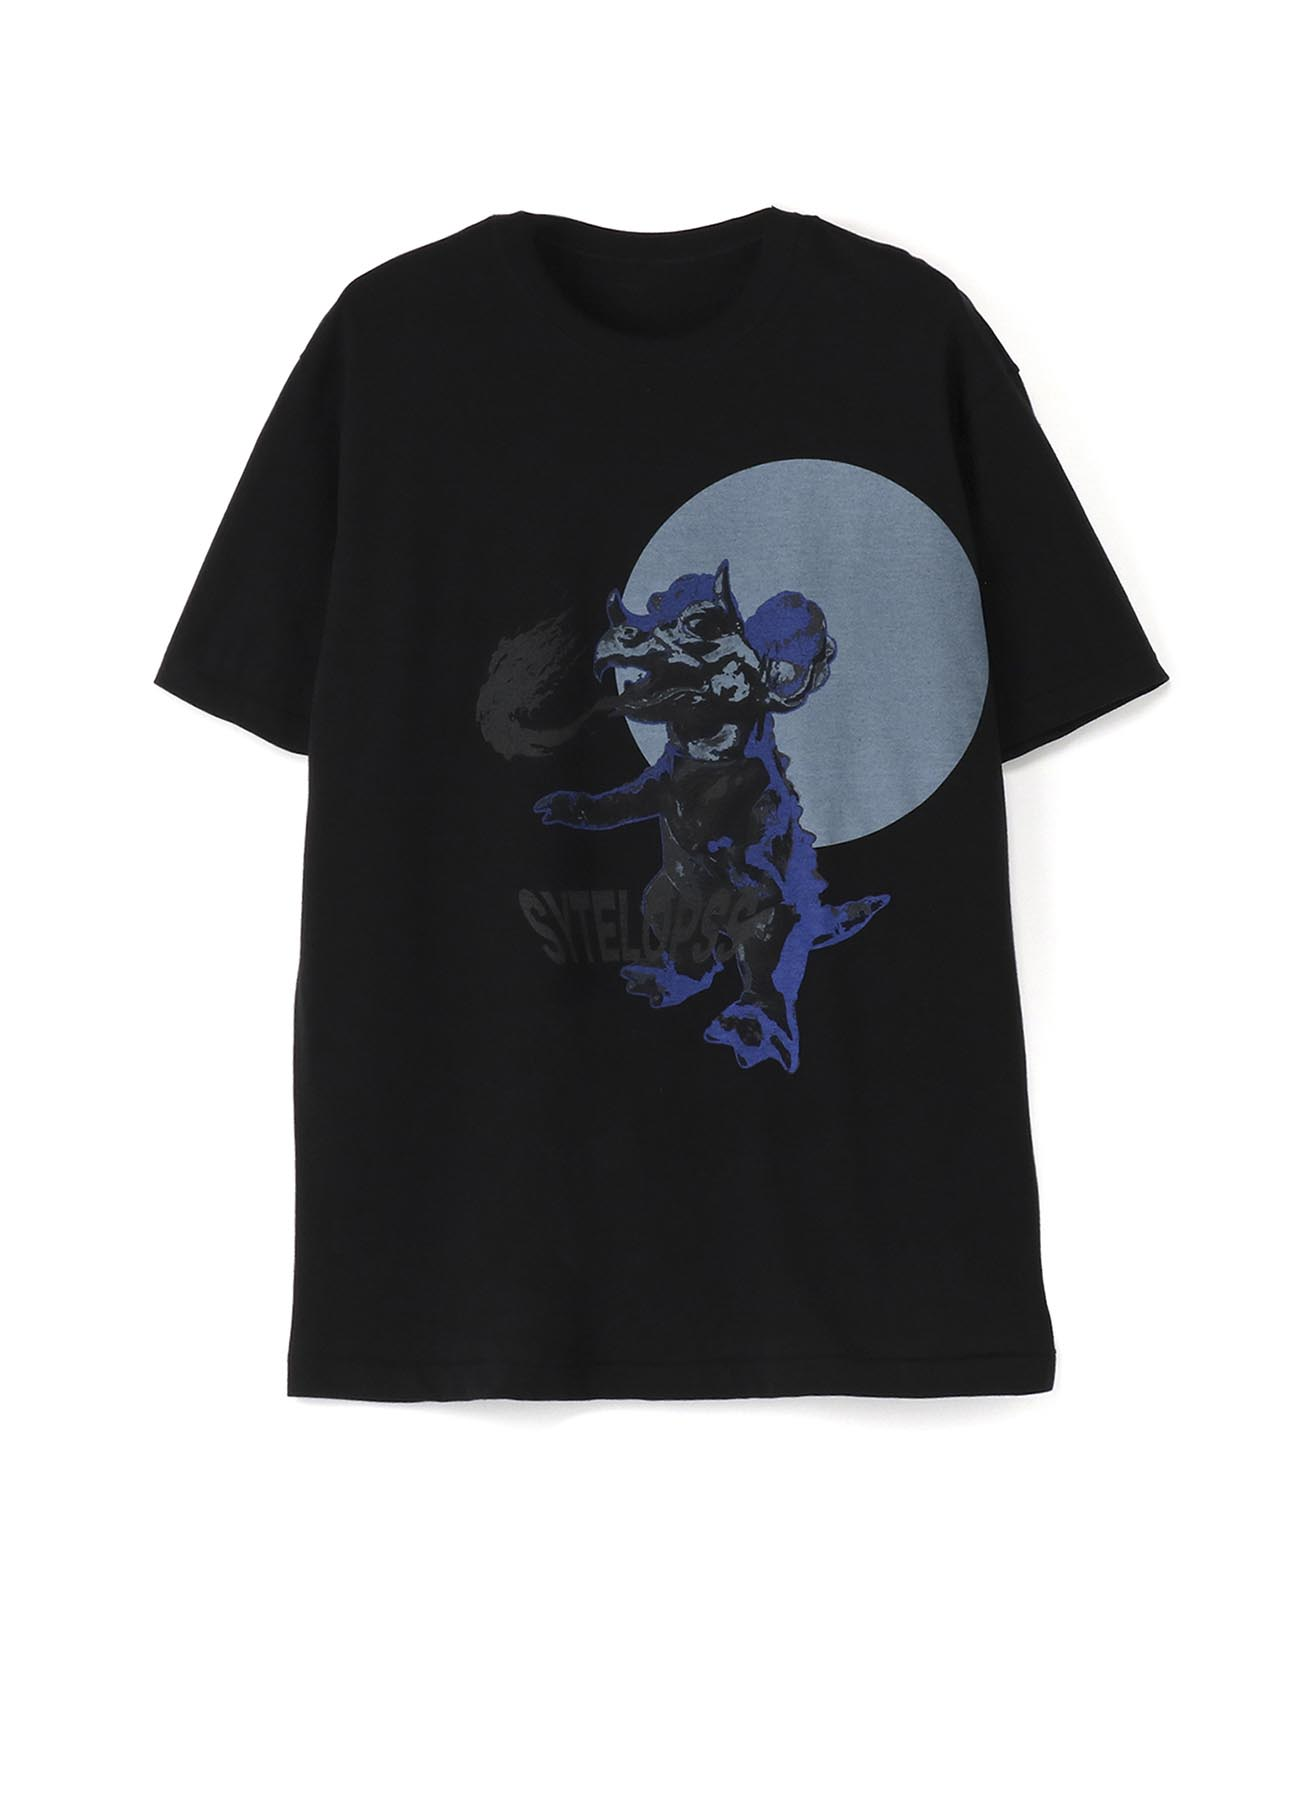 20/CottonJersey Soft Vinyl Monster SYTELOPS T-Shirt